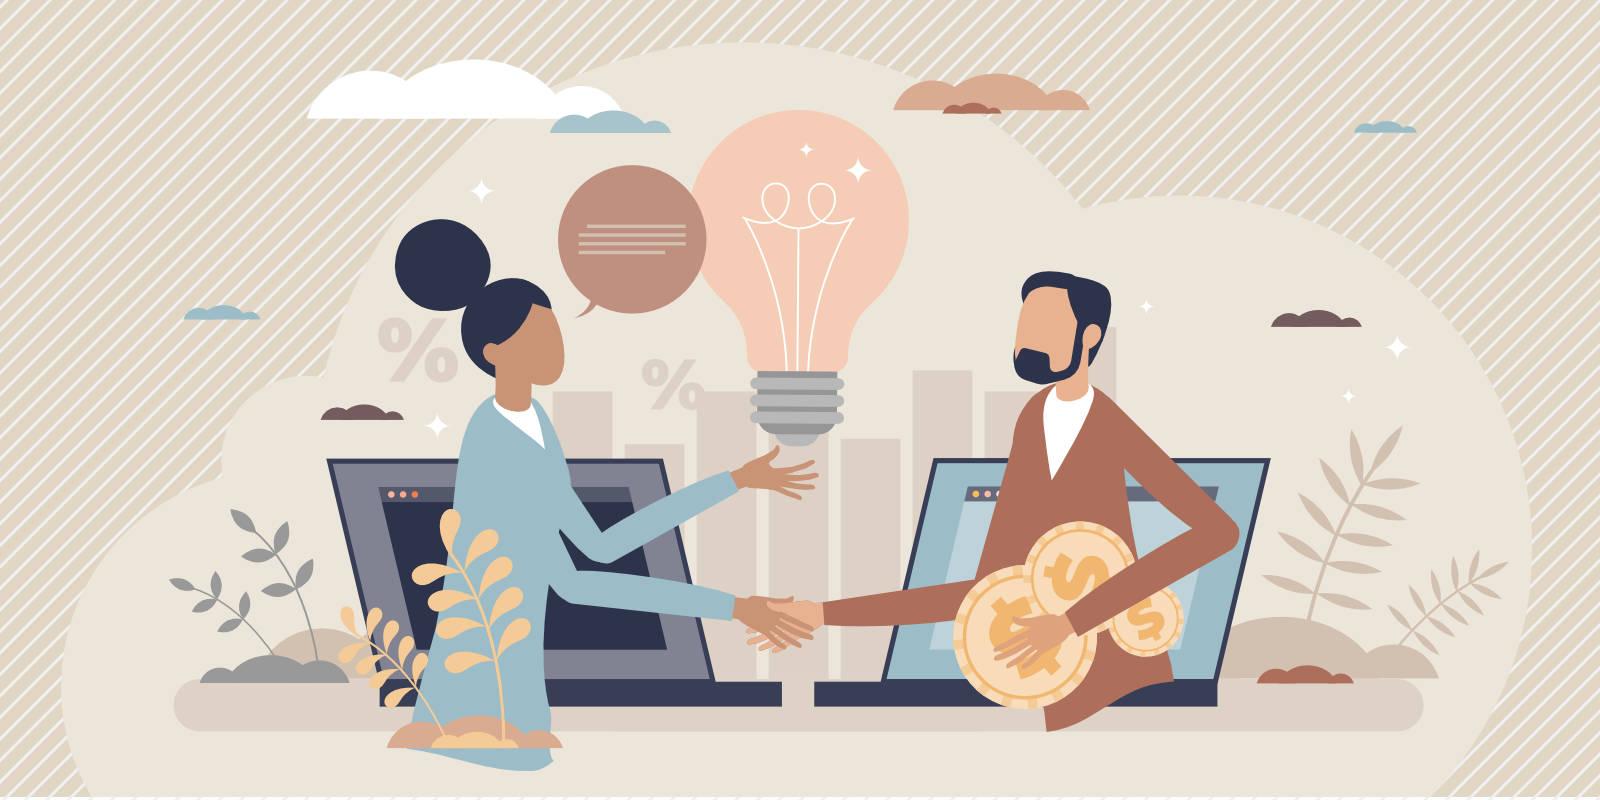 Creare un business da zero